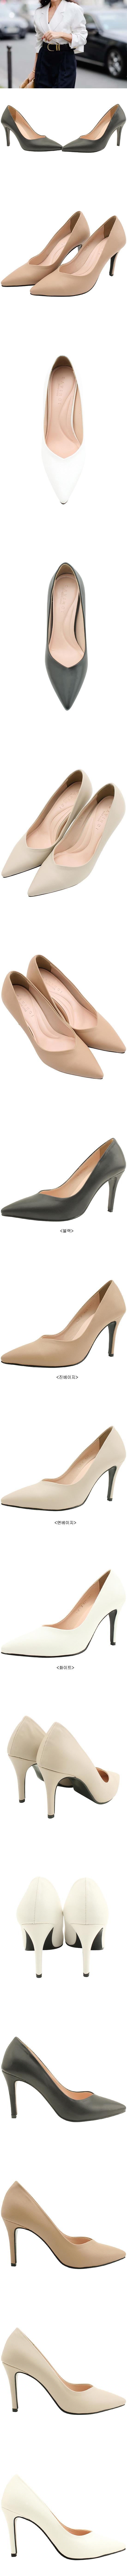 Slim Stiletto High Heels 9cm Jean Beige